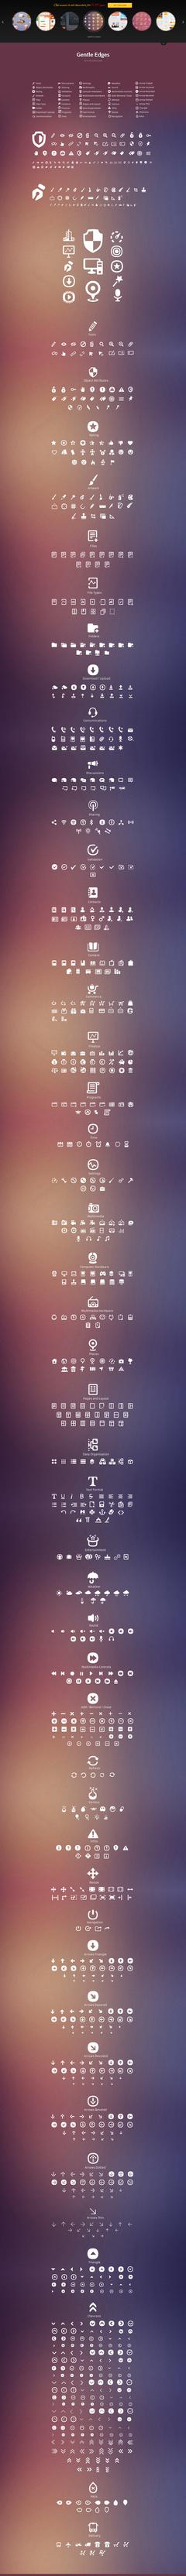 Gentle Edges (1000 Vector Icons) by sandracz